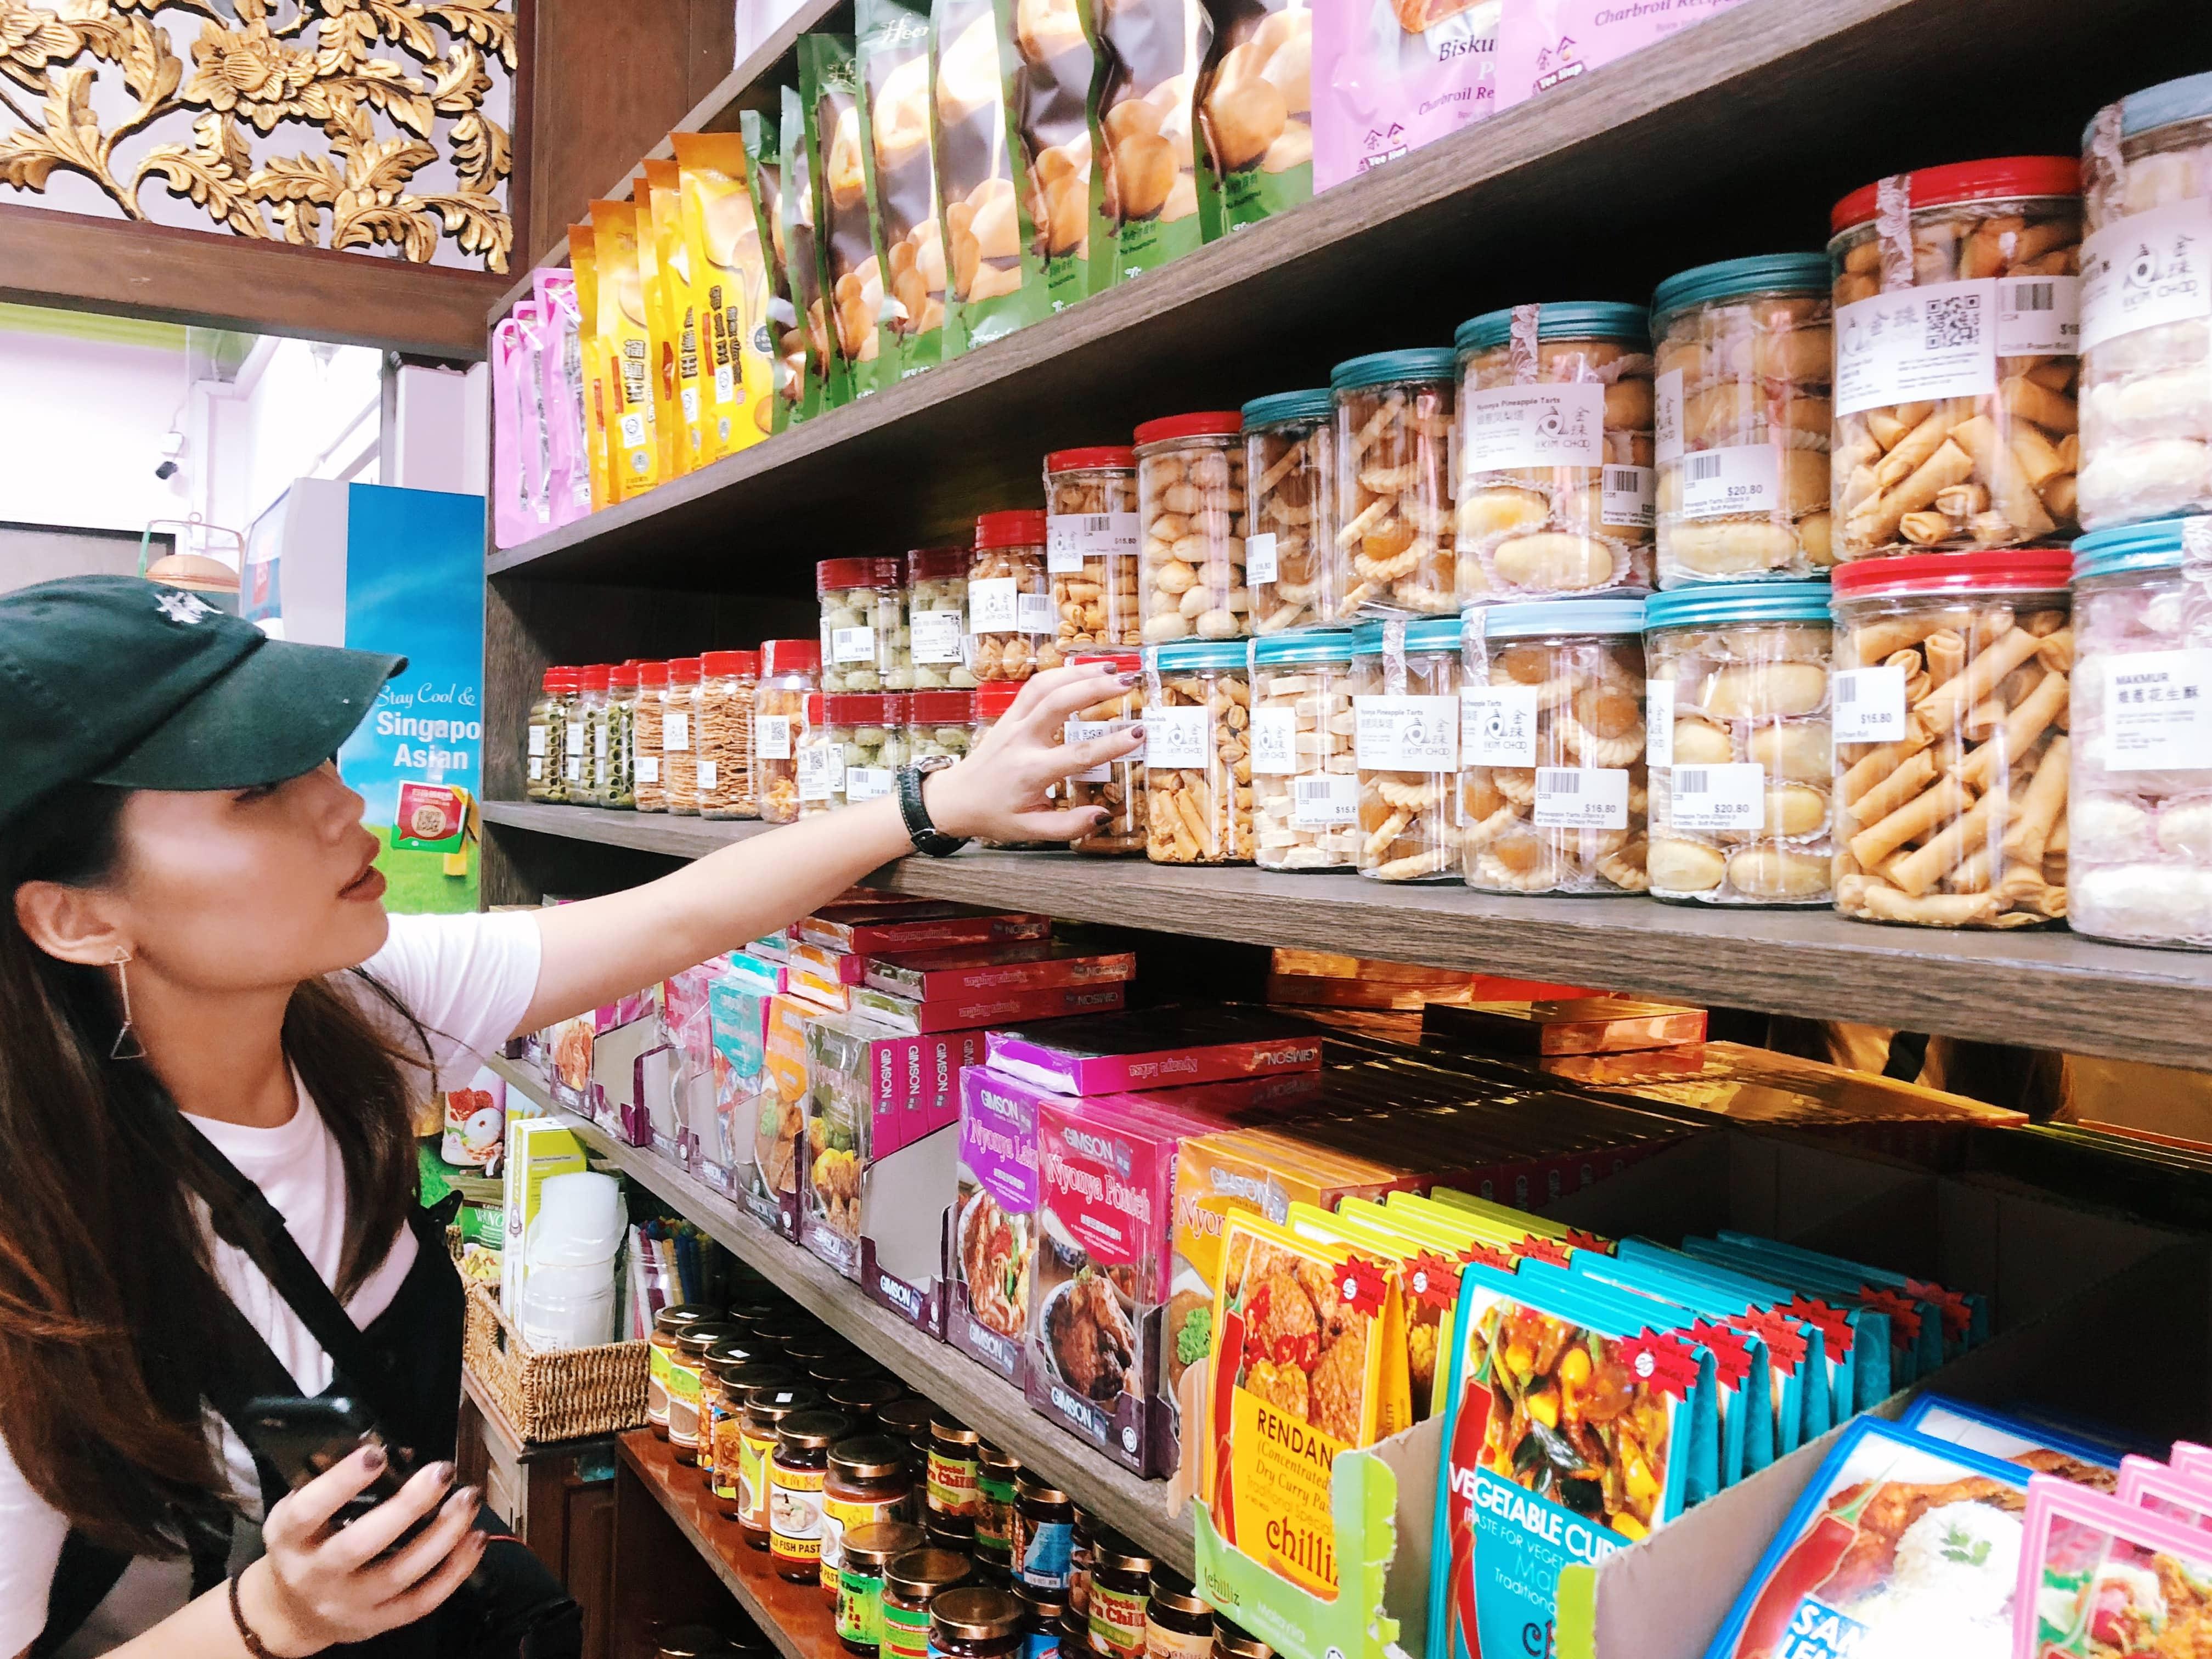 mua sắm đồ ngọt tại kim choo kueh chang